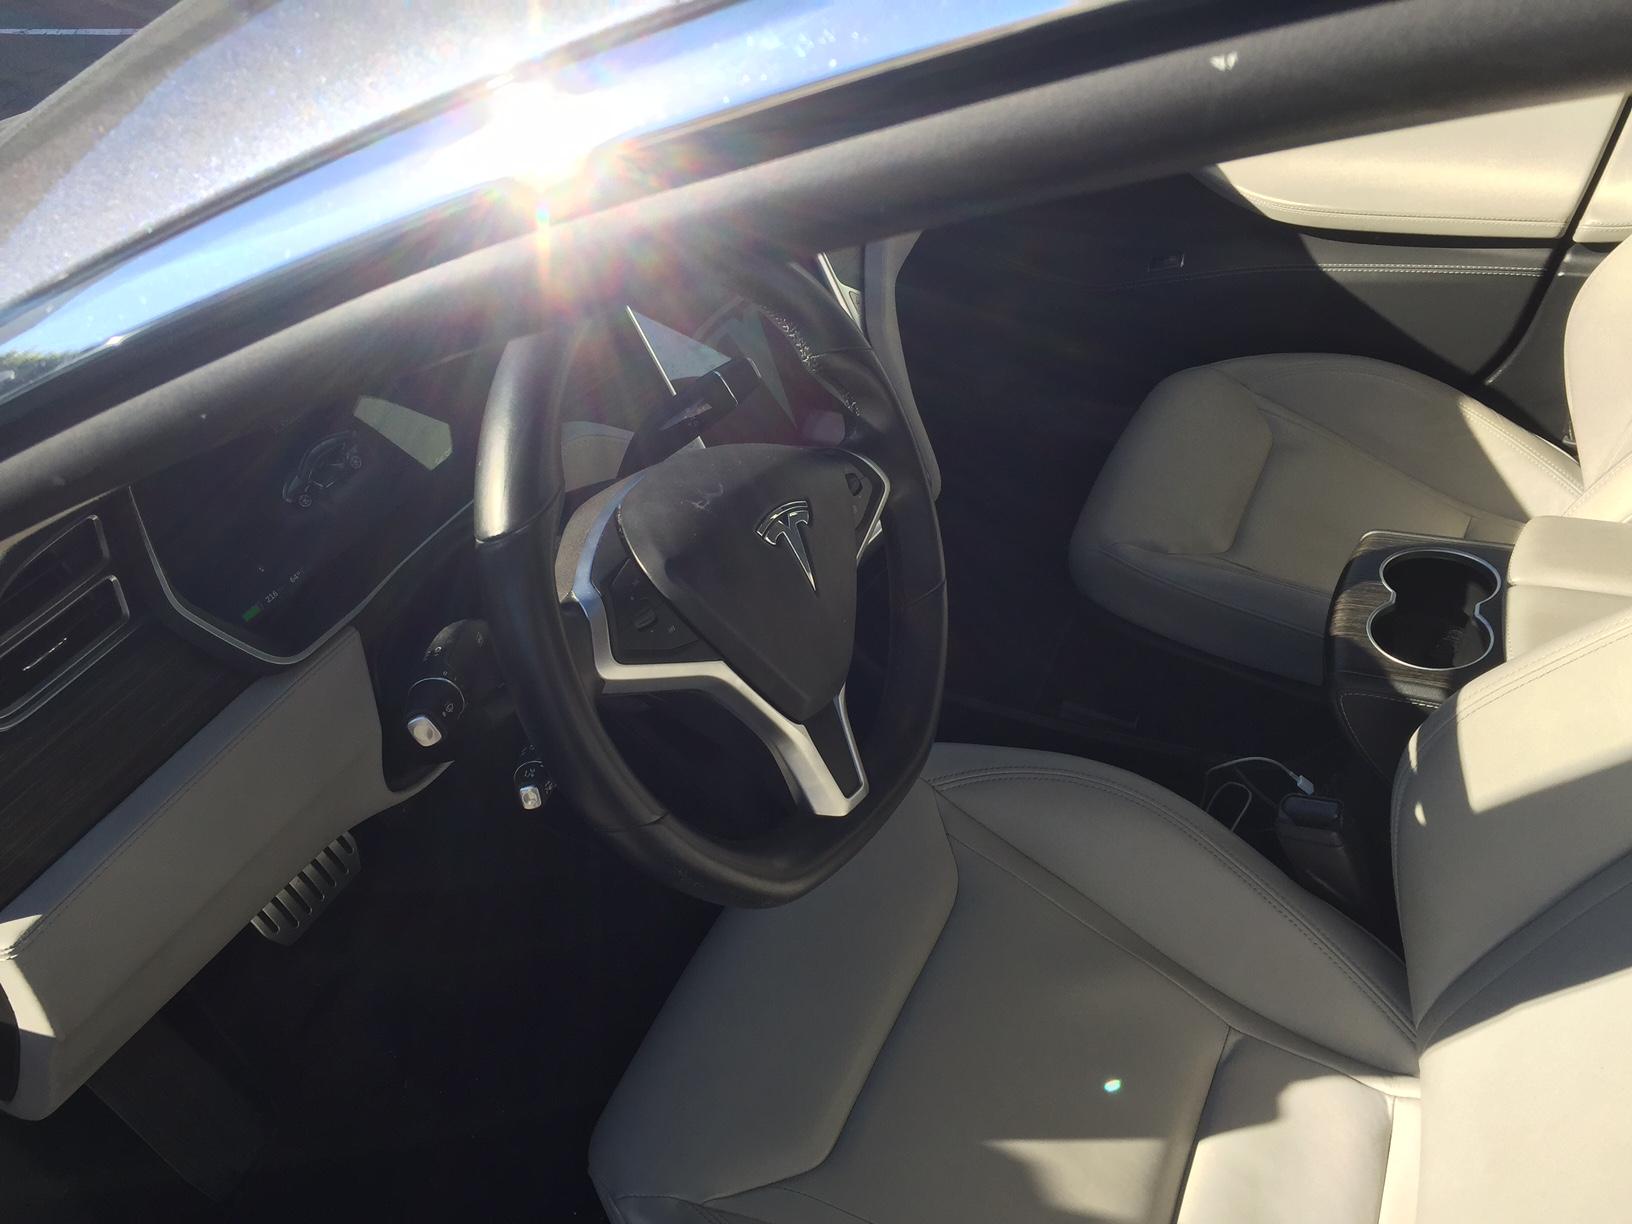 P85D interior1ForSale.jpg